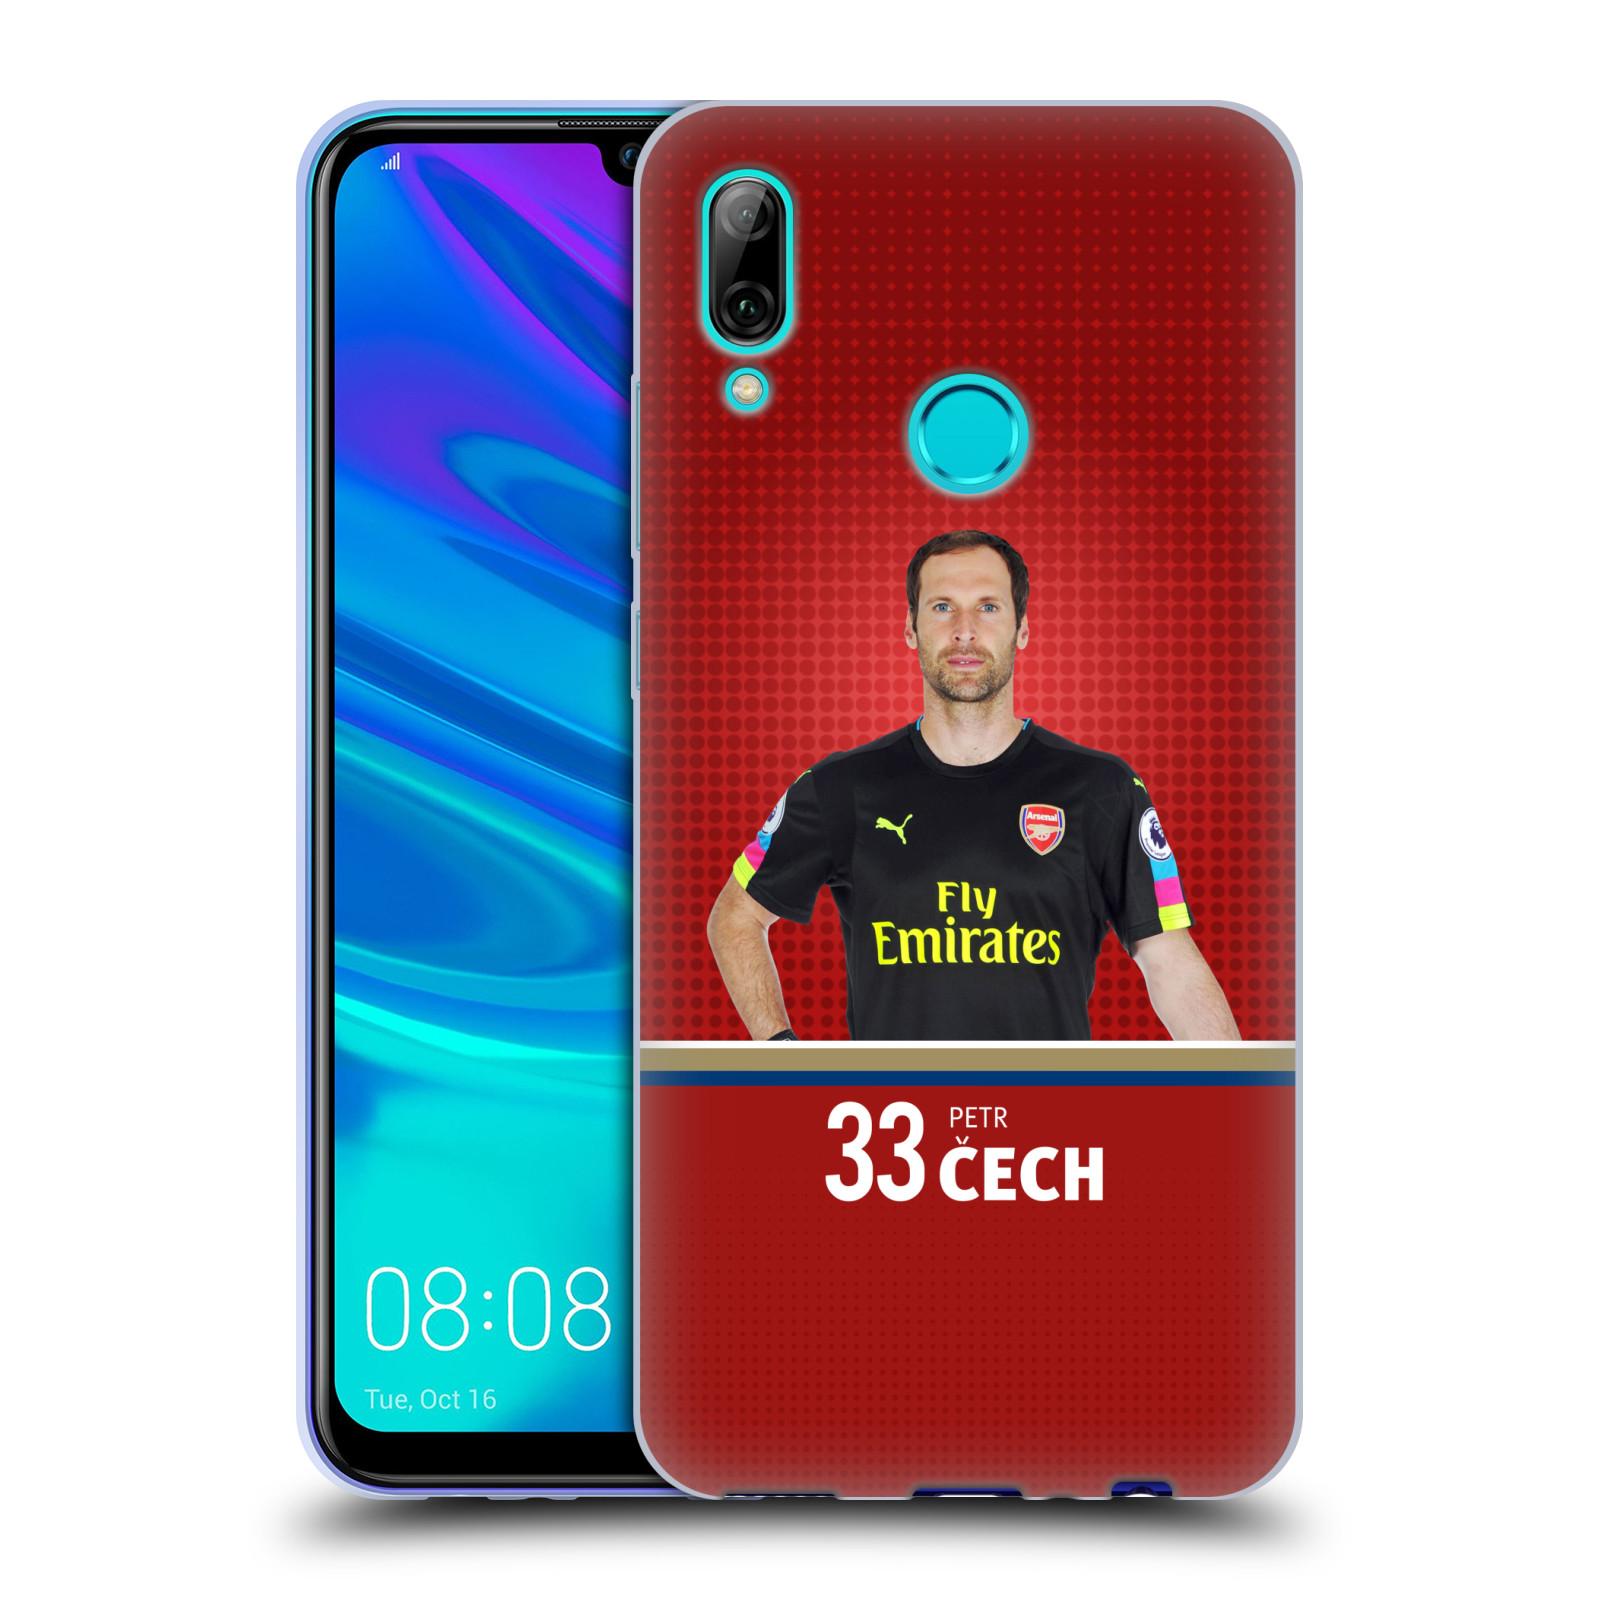 Silikonové pouzdro na mobil Huawei P Smart (2019) - Head Case - Arsenal FC - Petr Čech